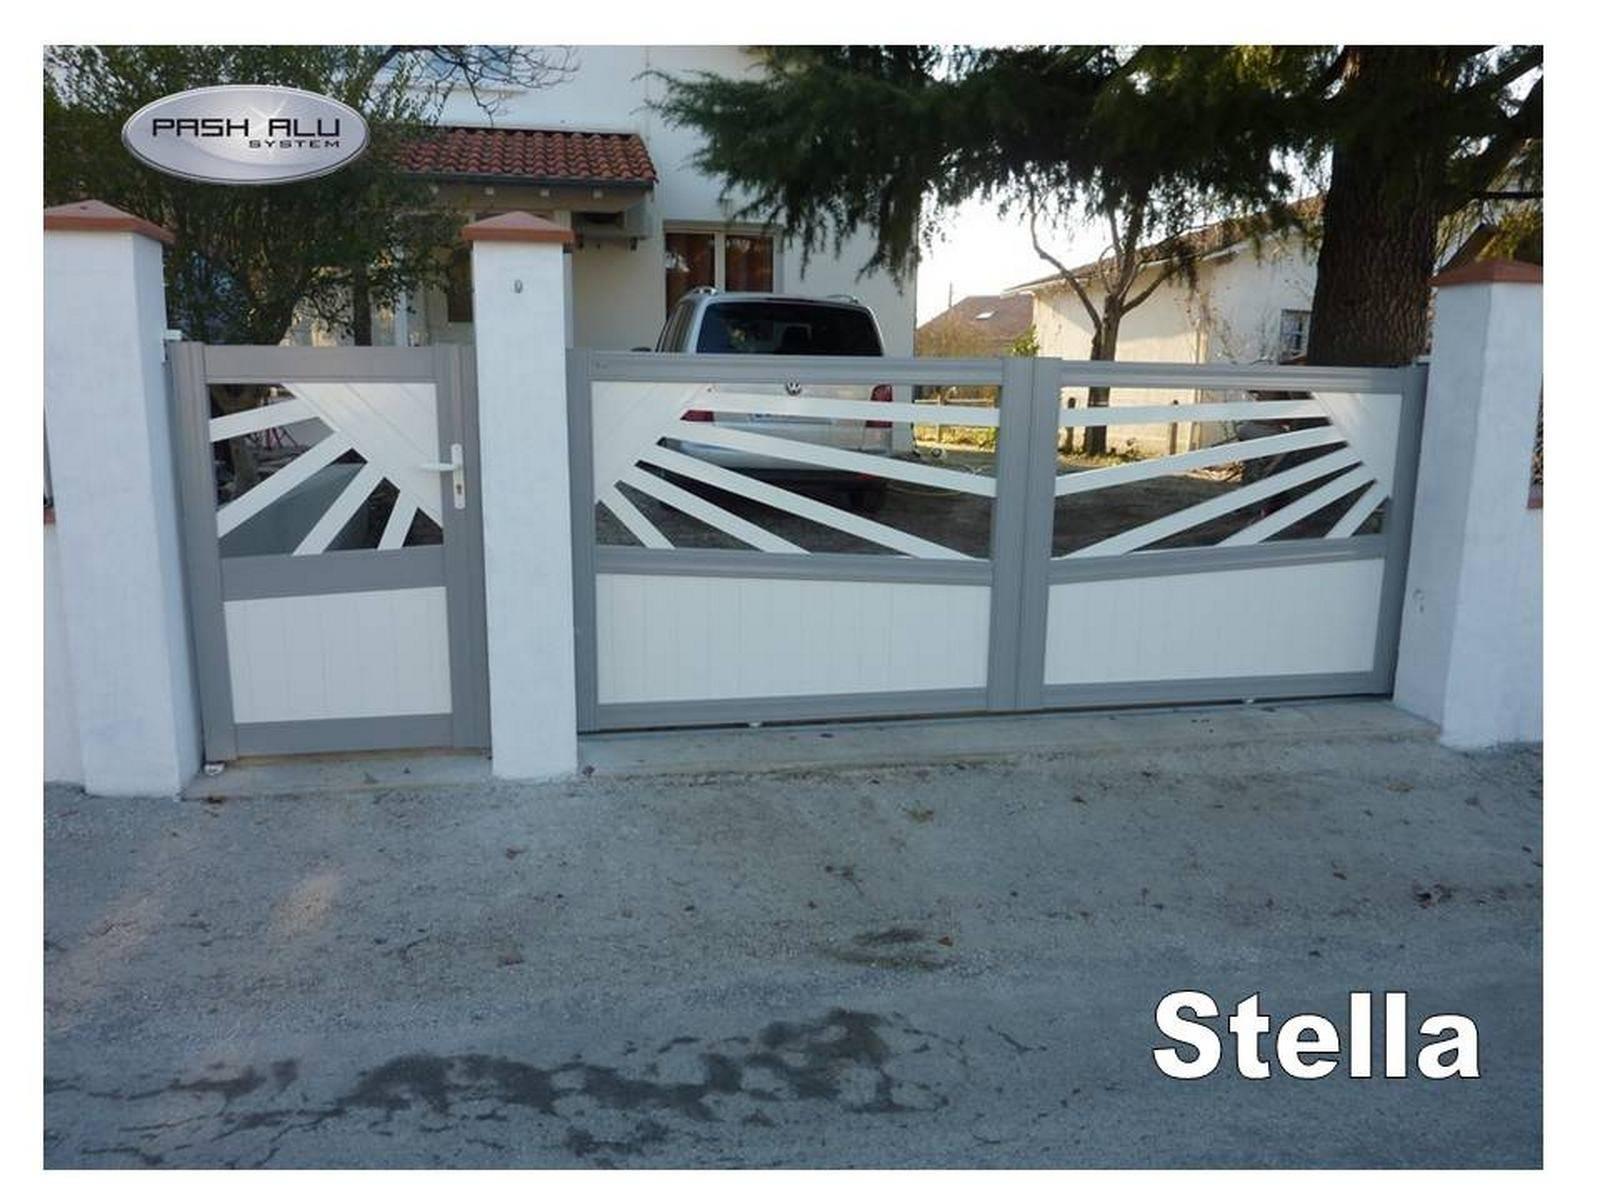 Pose portillon de jardin aluminium motorisé Colomiers Pash Alu